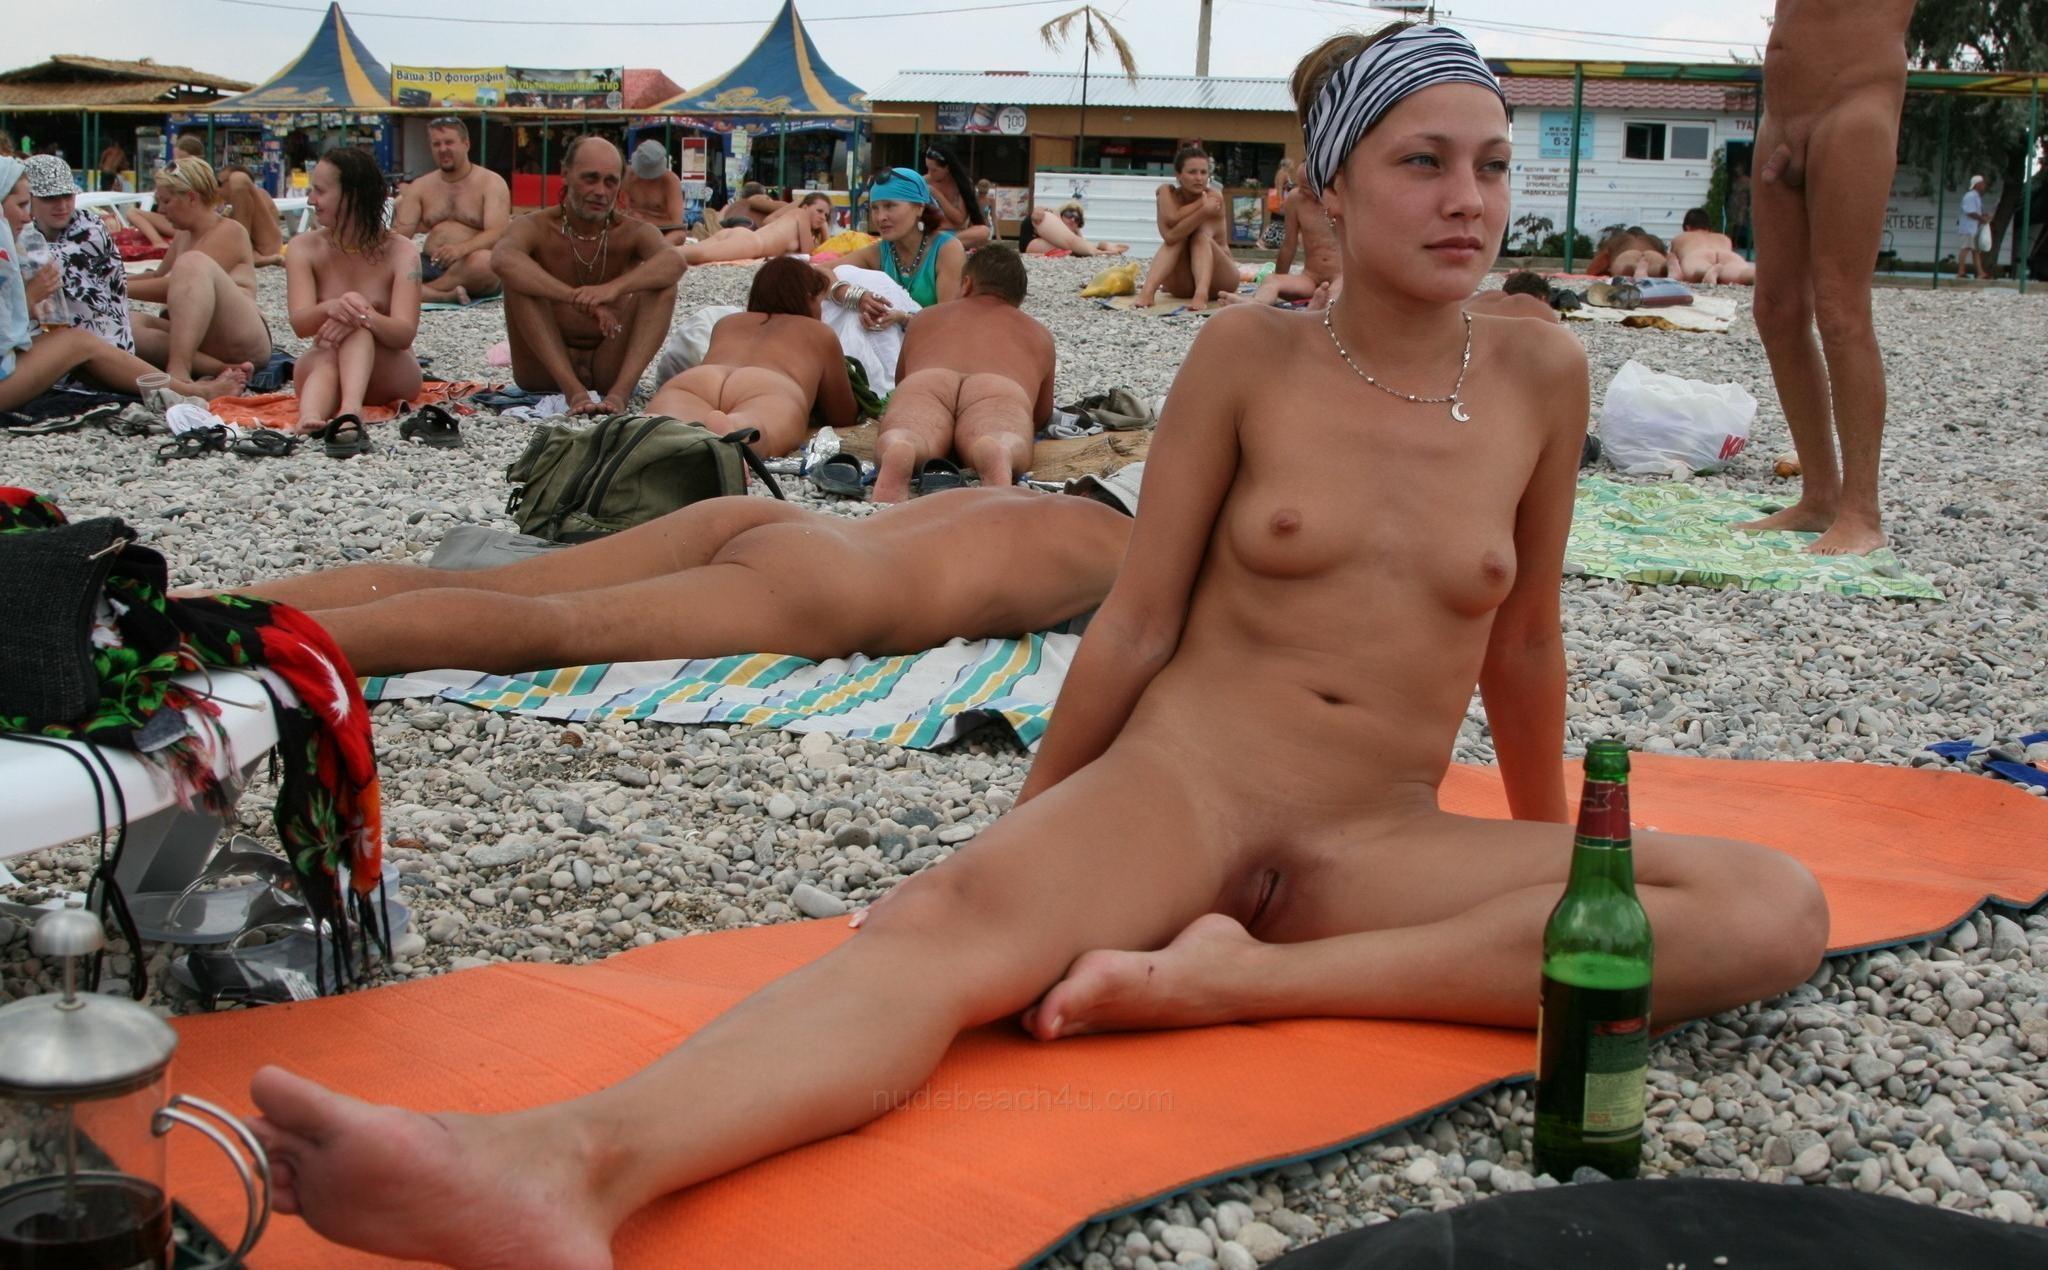 nudists-girls-boobs-beach-topless-mix-vol7-25